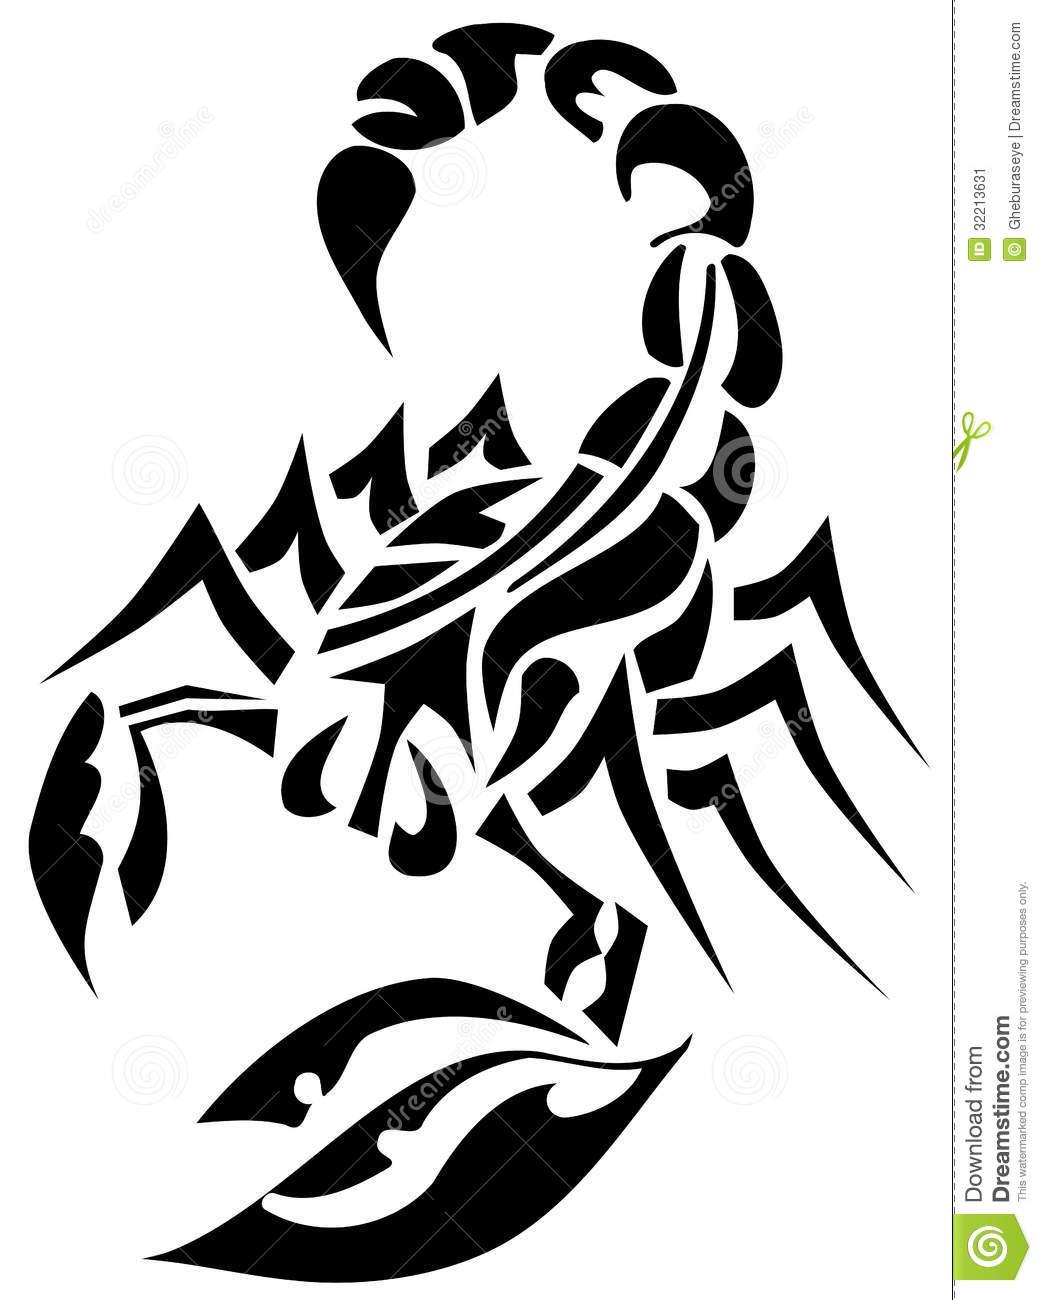 Desenhos Para Tatuagem De Escorpiao